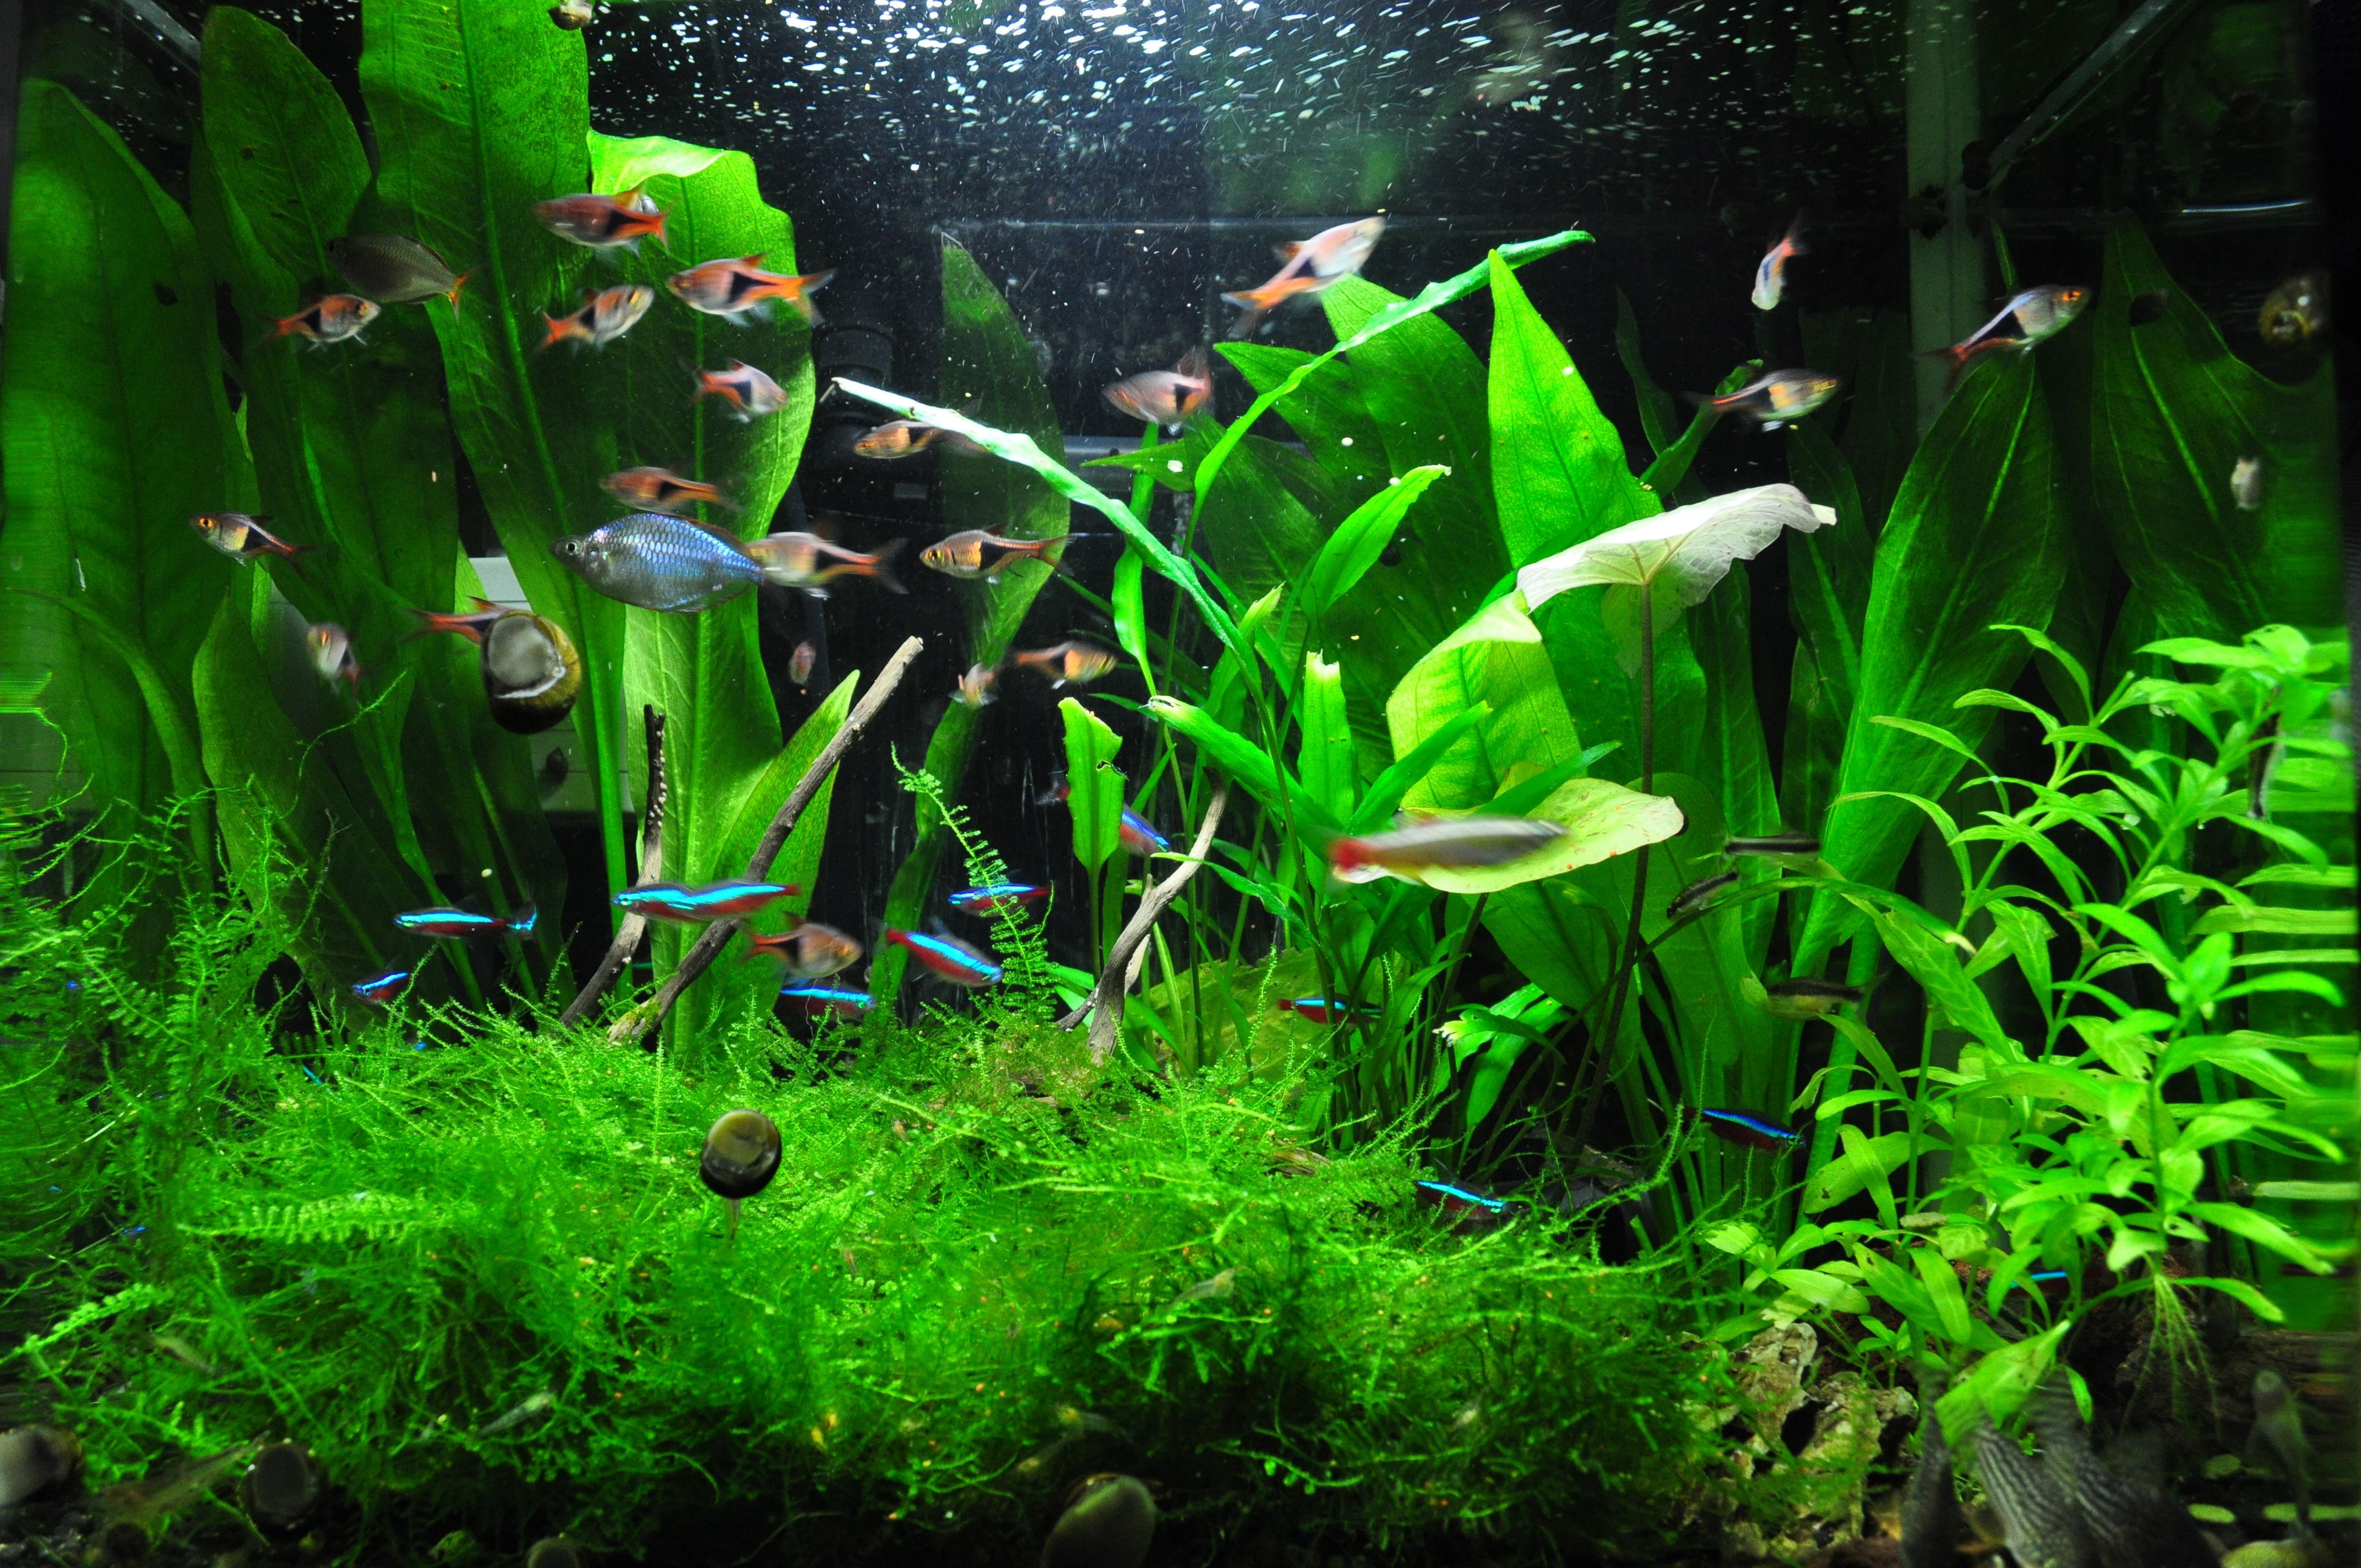 熱帯魚水草水槽 とりあえずトリミング my life my hobby